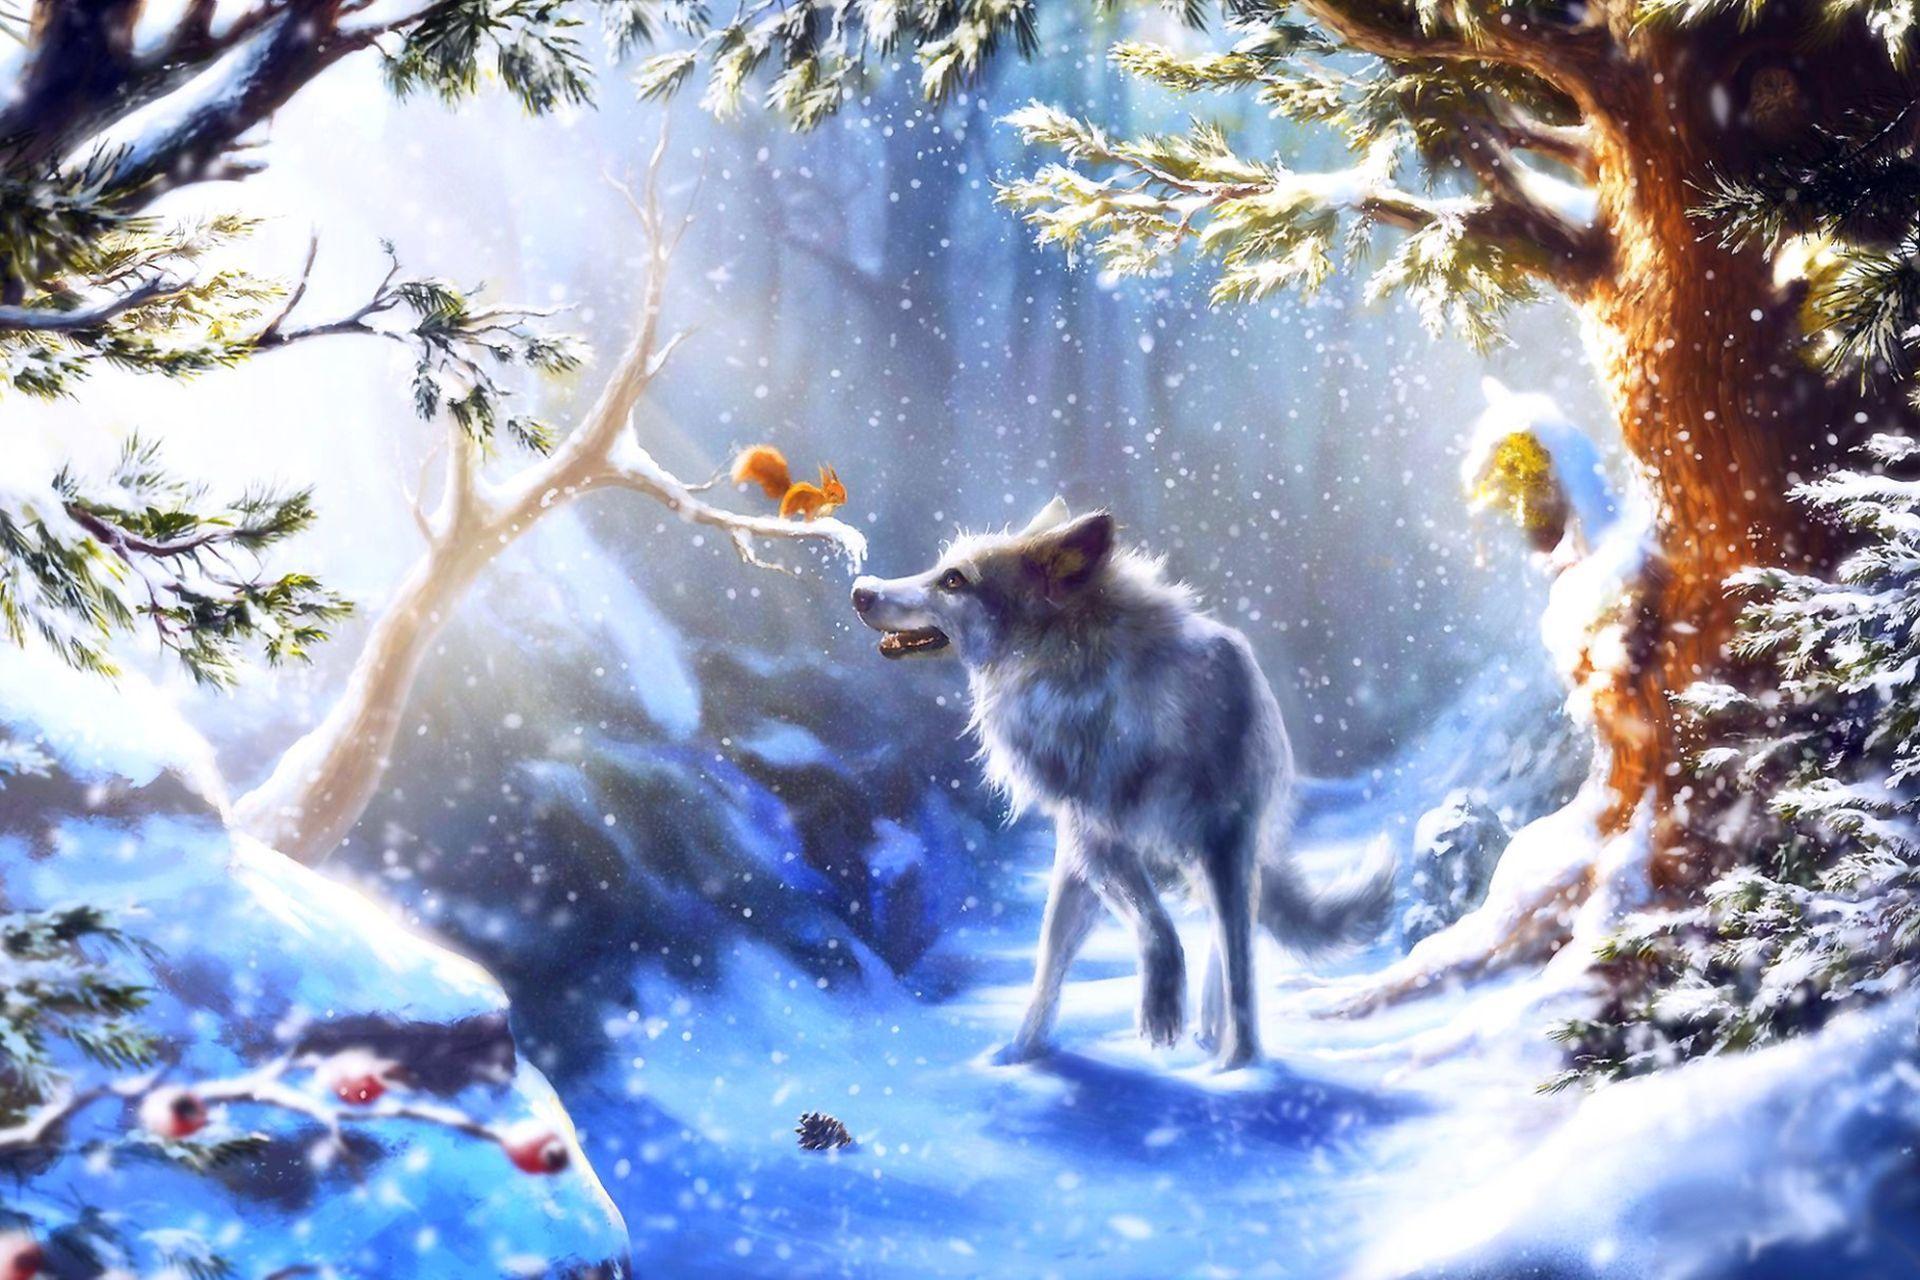 фотообои с зимним лесом волками белыми совами тому